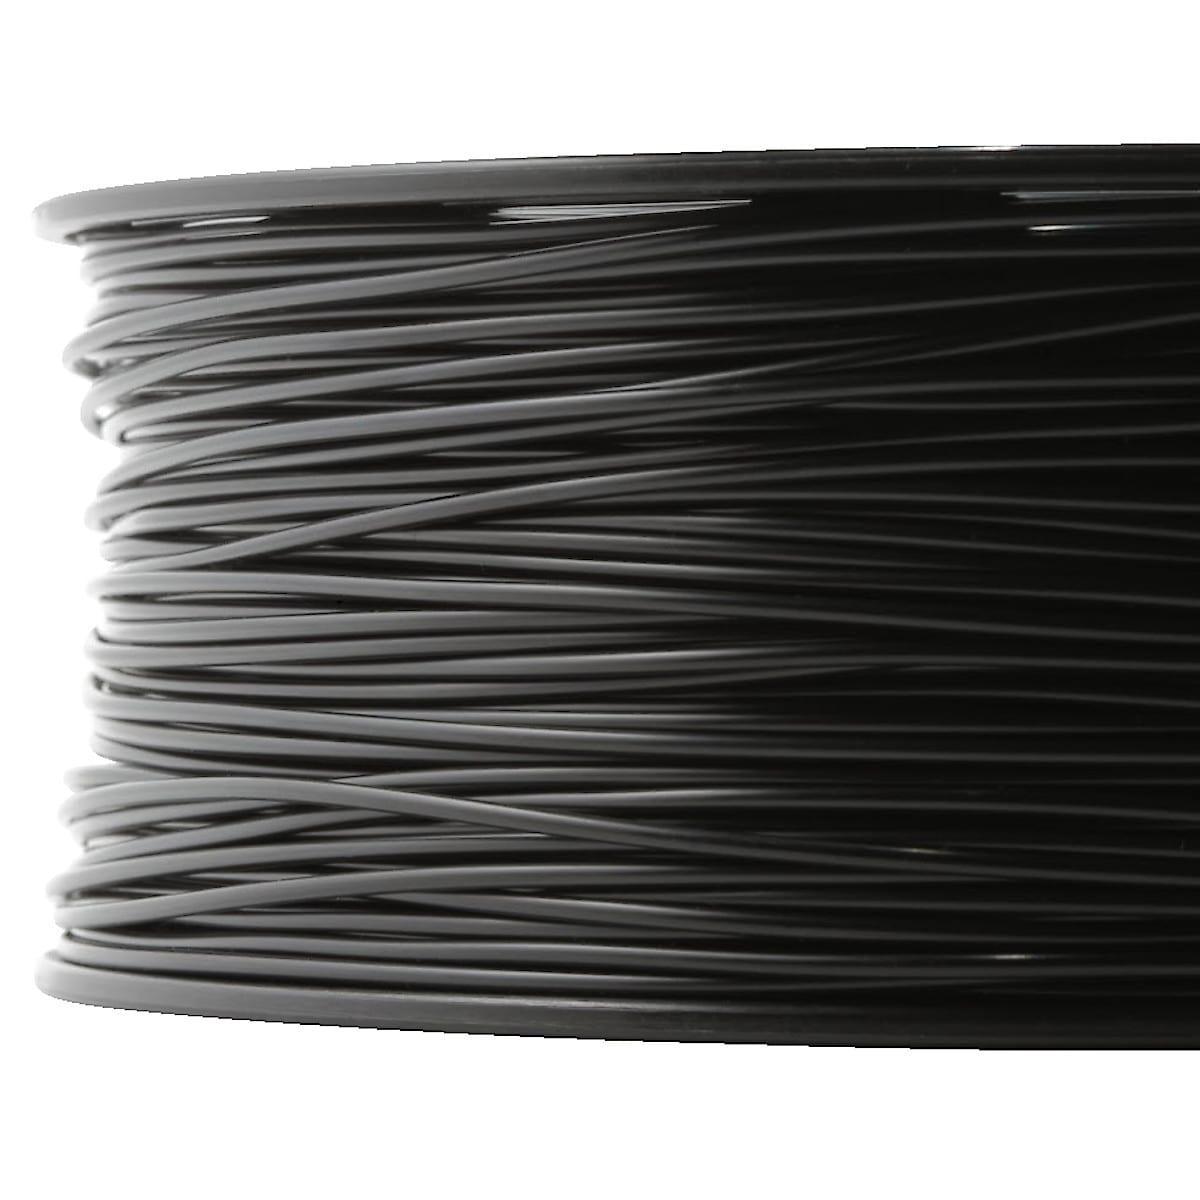 ABS Filament for Robox 3D Printers